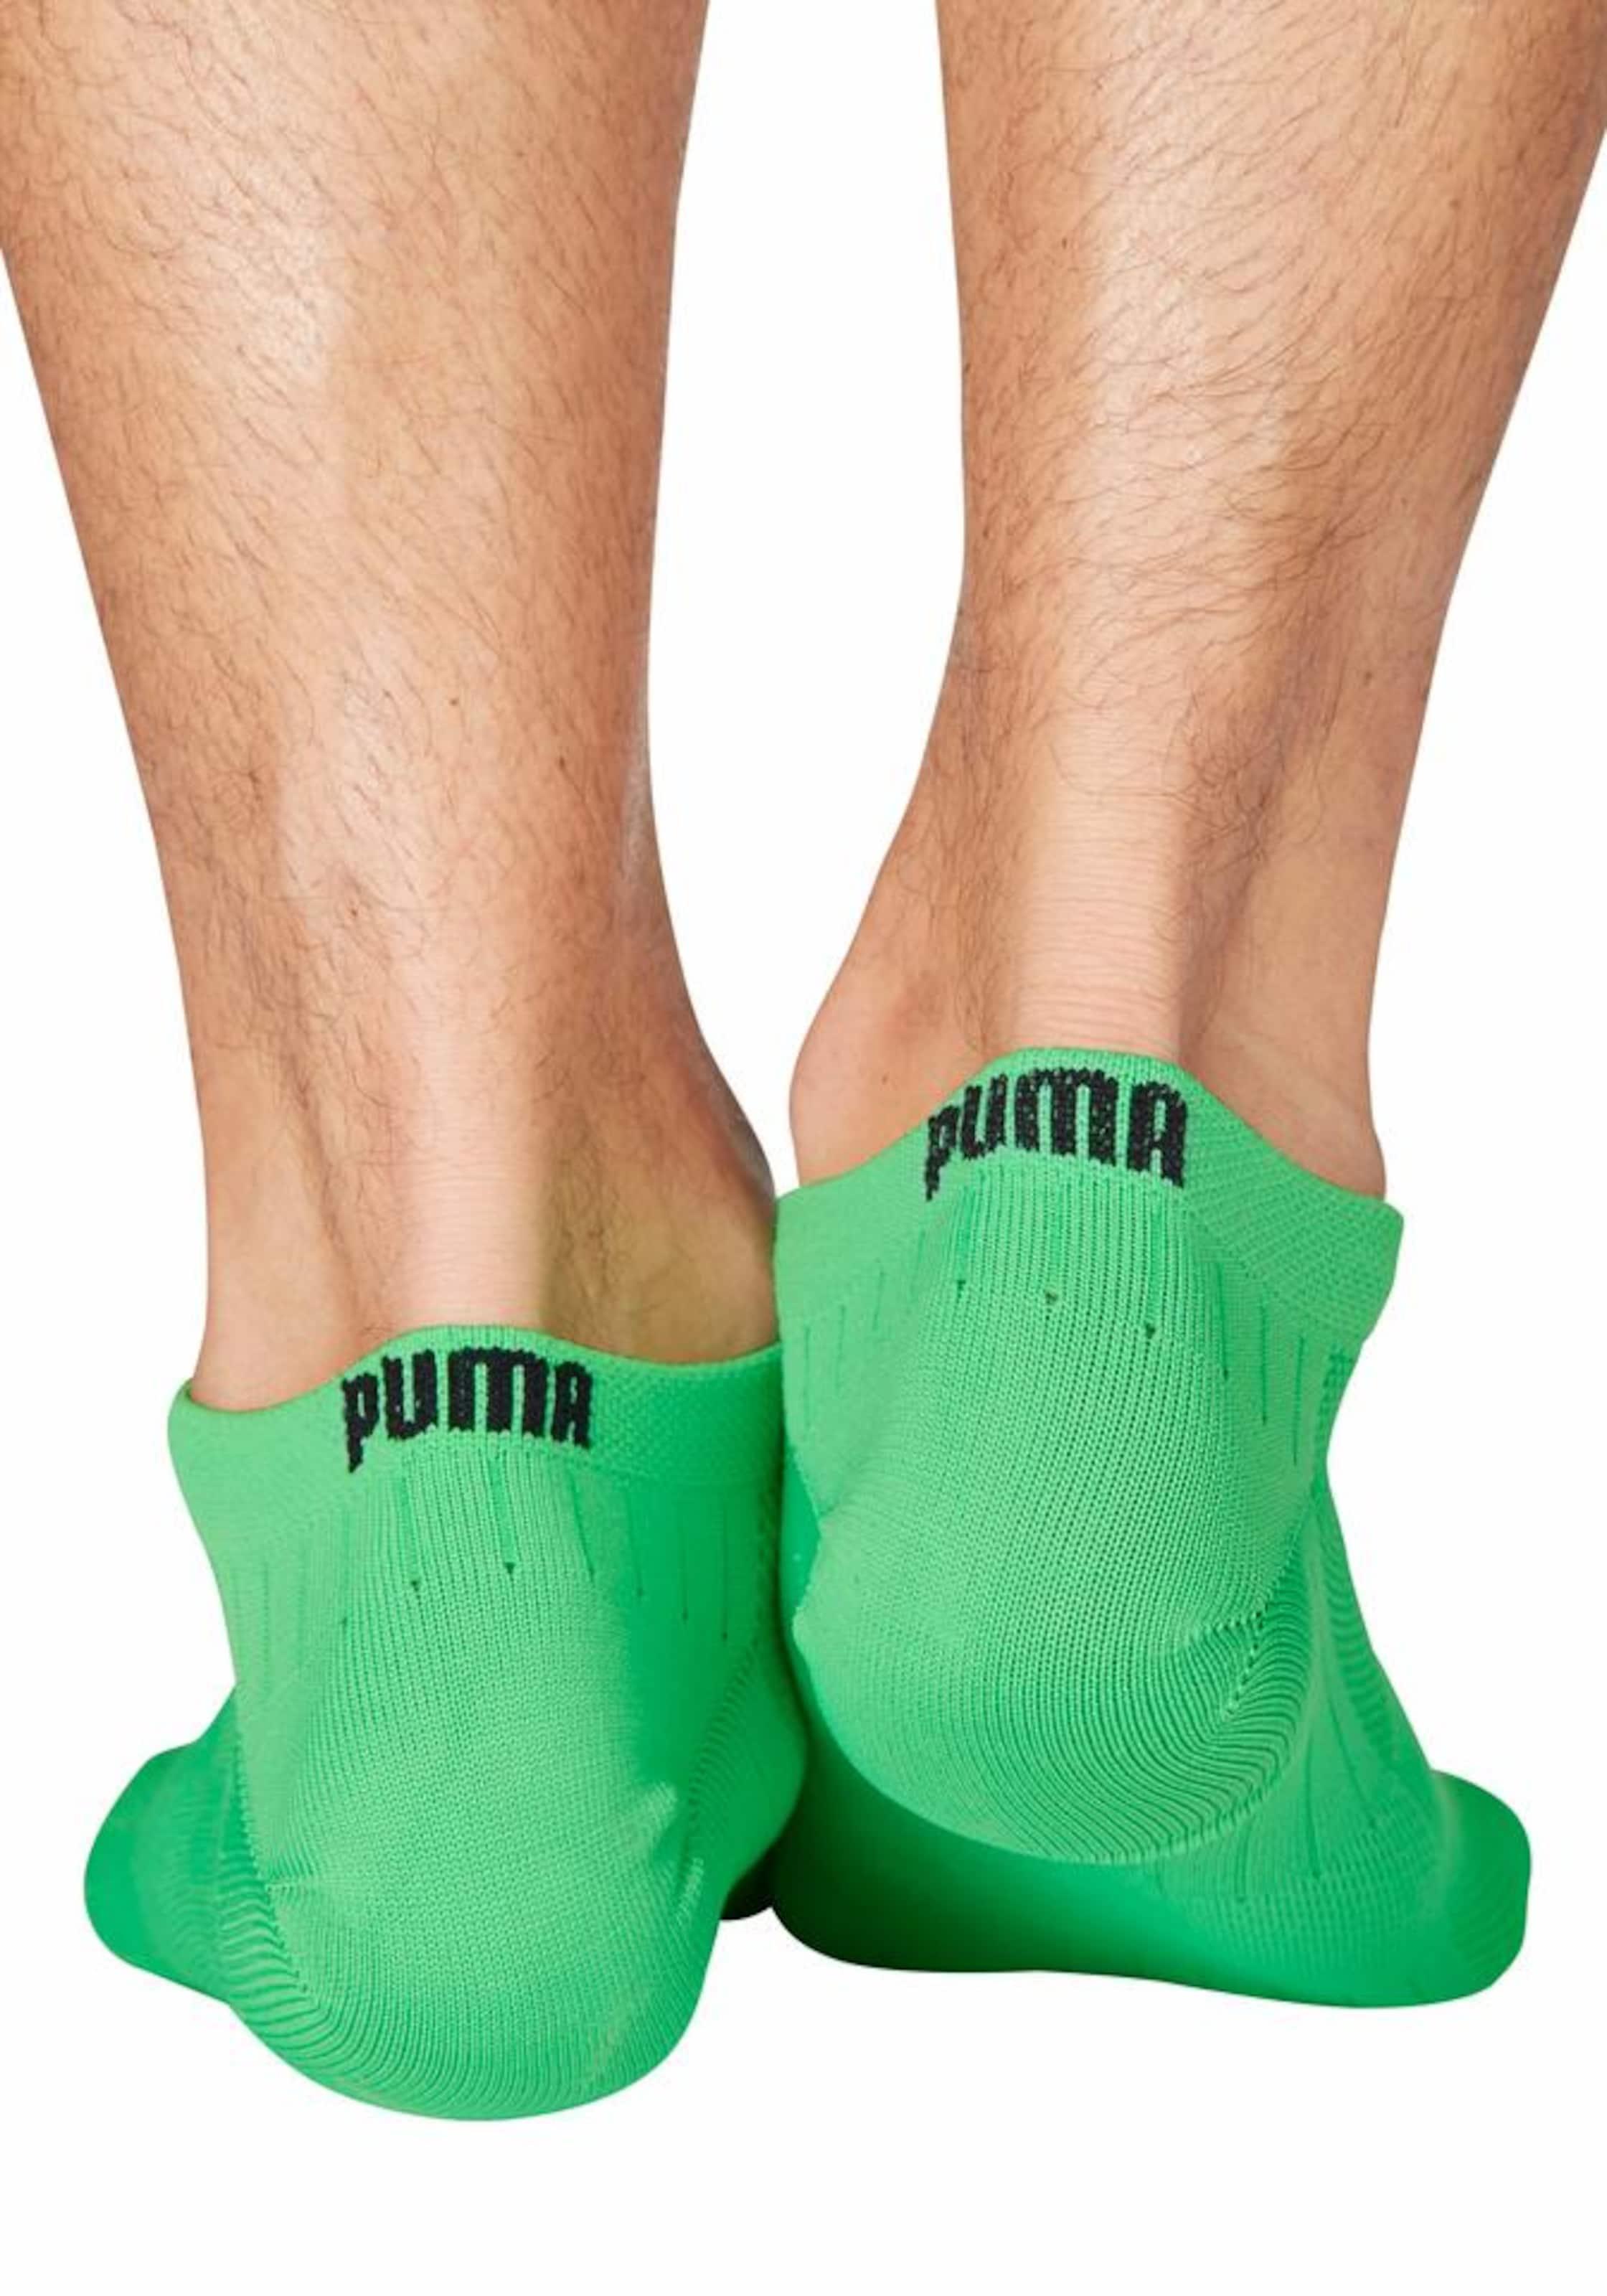 Billig Verkauf Schnelle Lieferung PUMA leichte Sneakersocken Erhalten Authentische Online Bestseller Günstiger Preis 5wOu6JJ